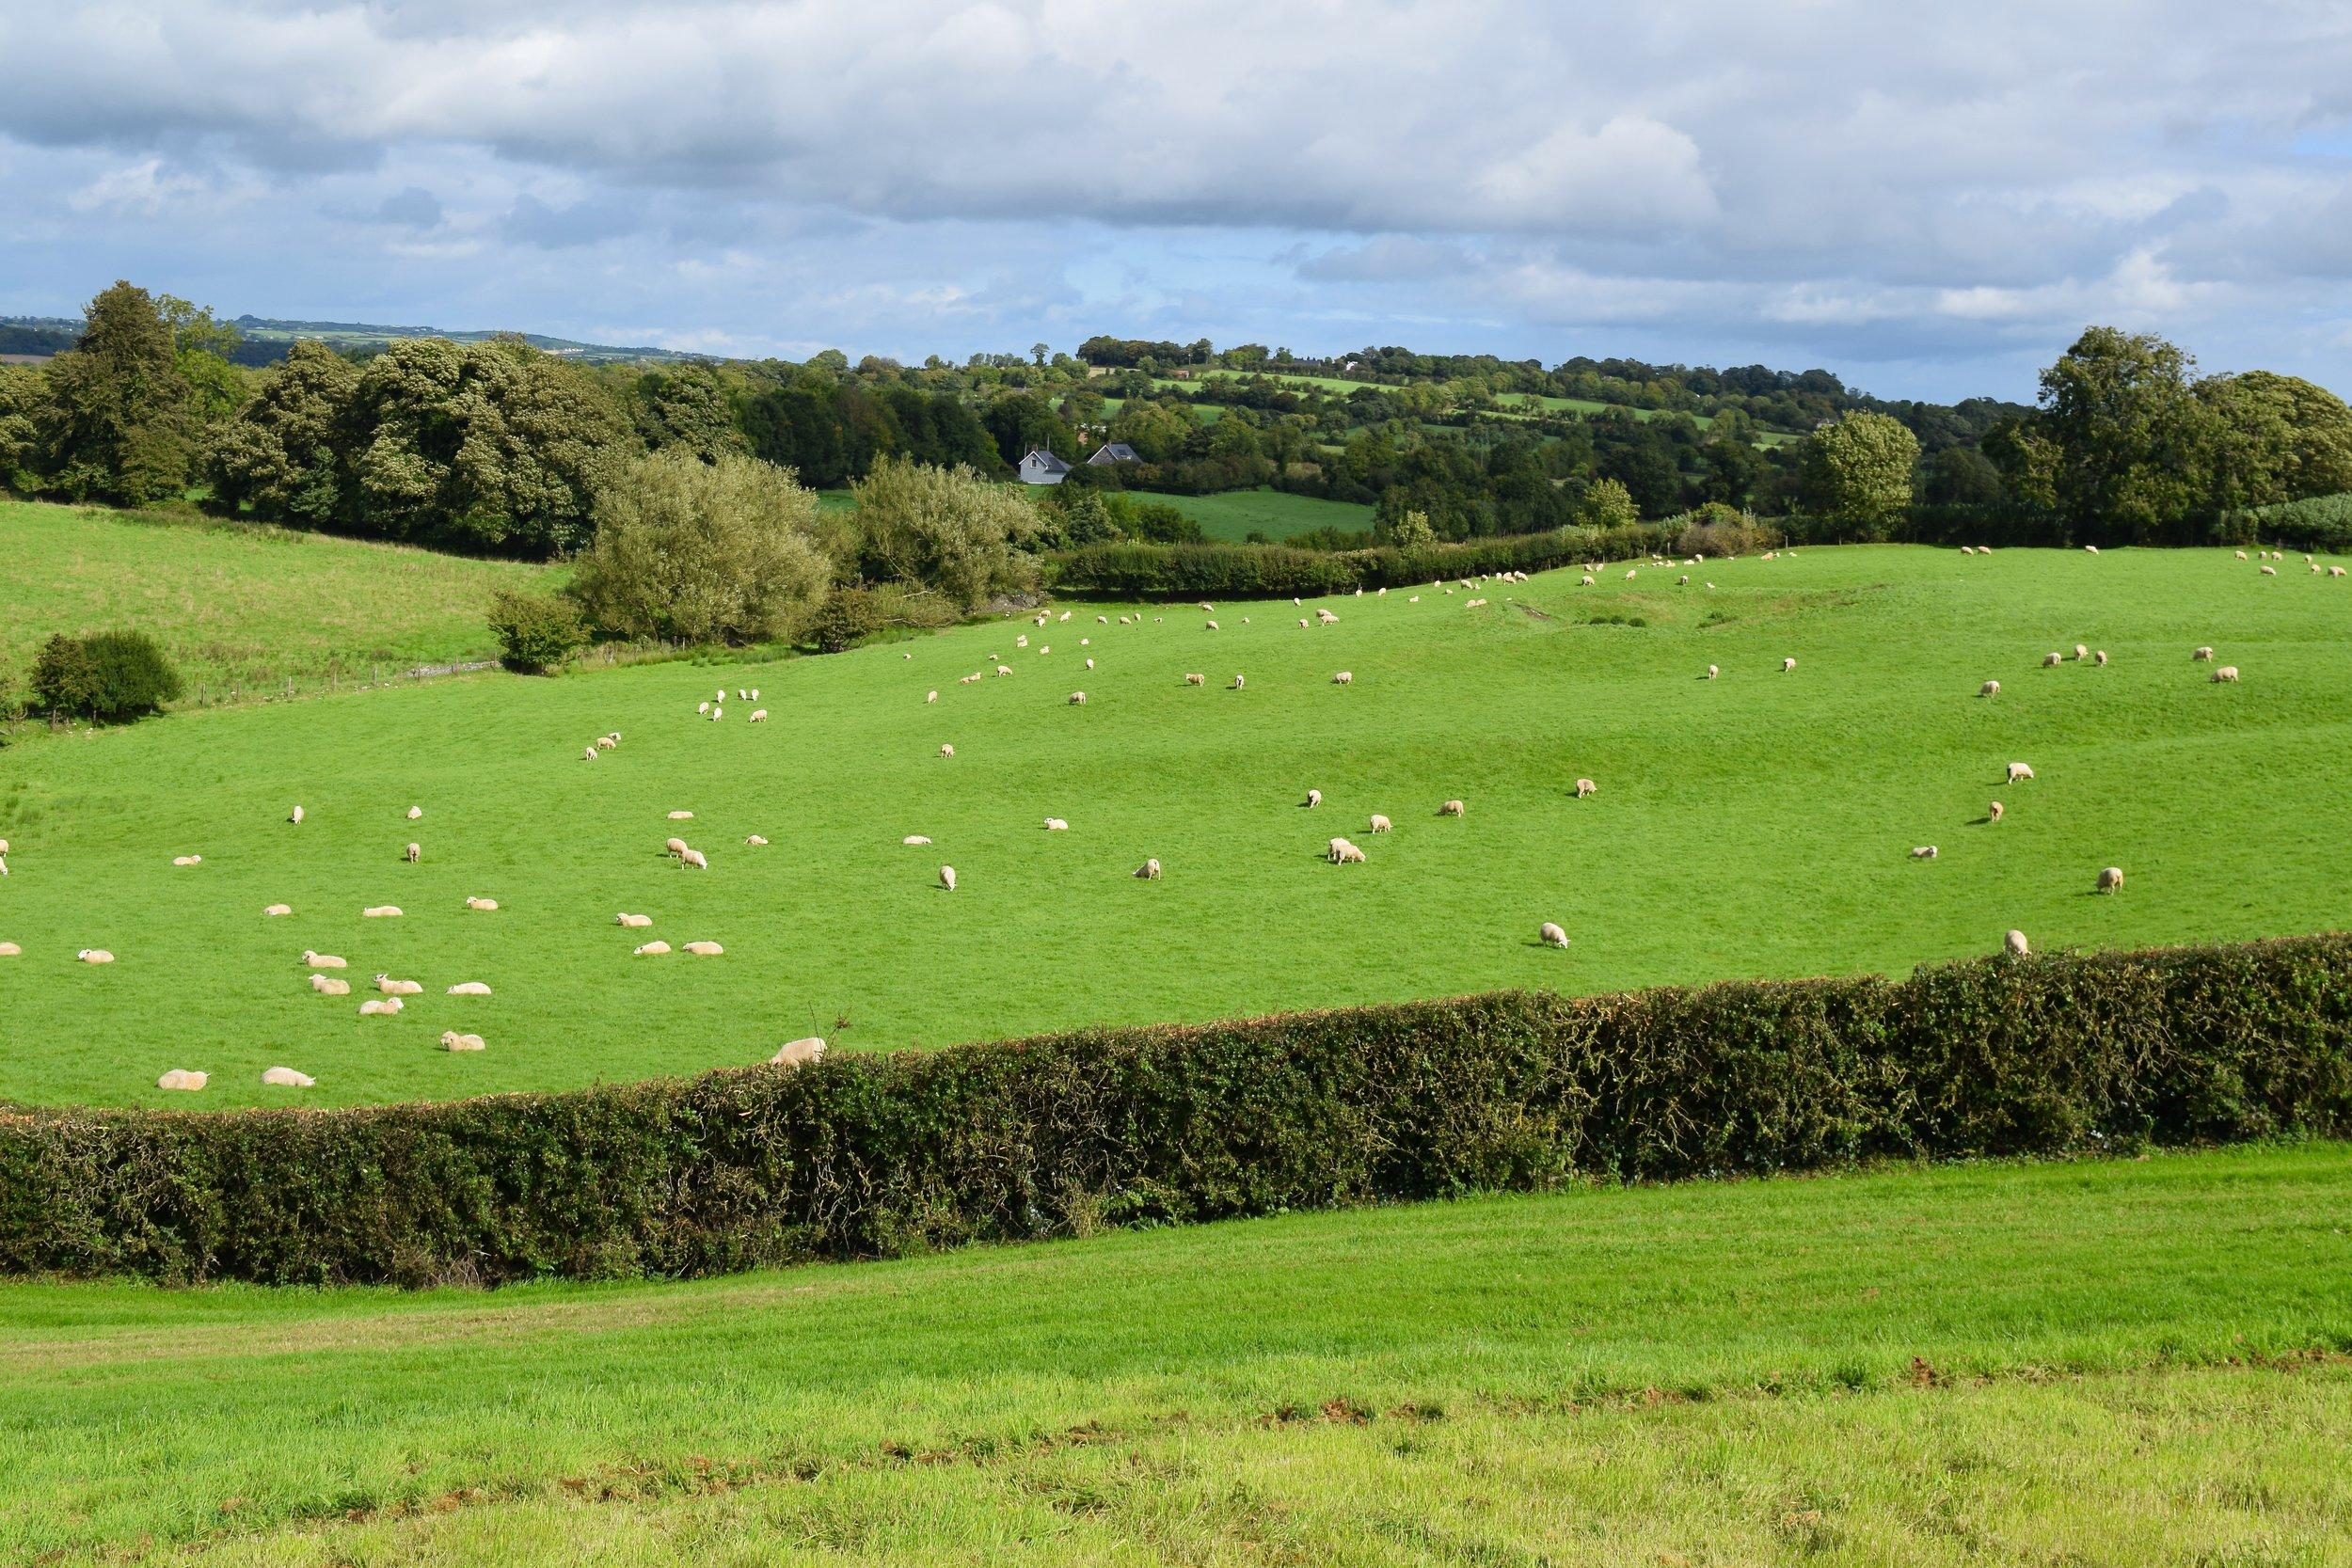 Típico paisaje irlandés